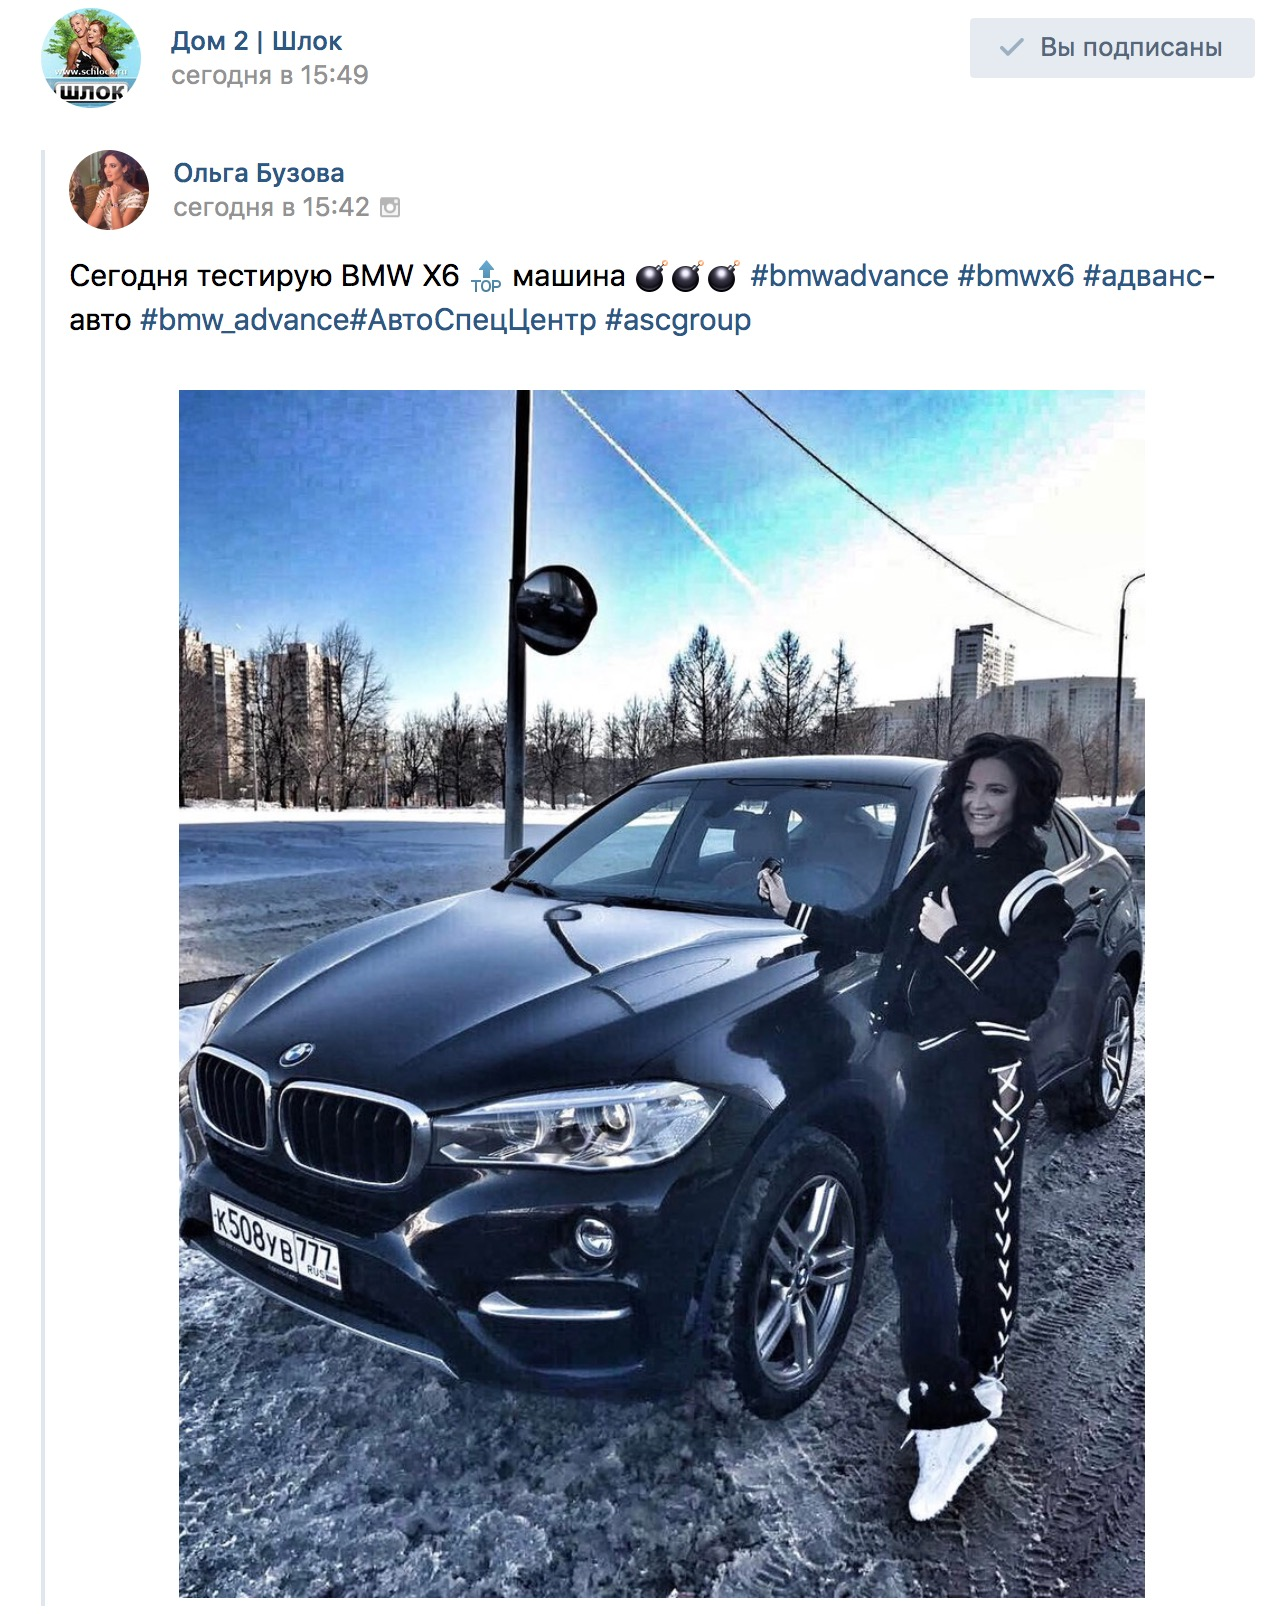 Бузова тестирует BMW X6